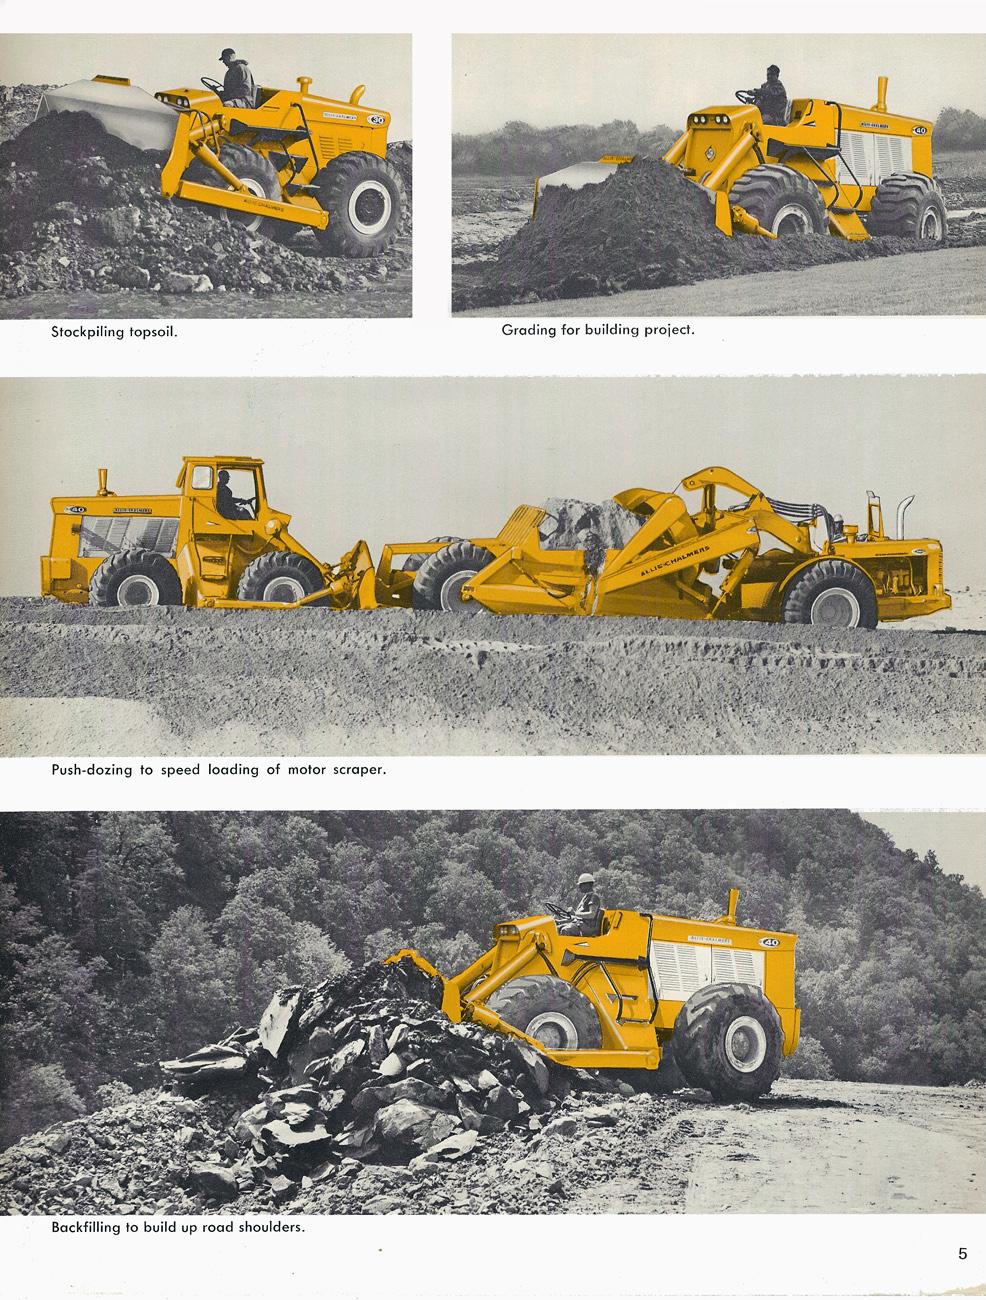 bulldozer caricatore cingolato combinazione Allis-chalmers-wheel-dozers-edgar-browning-image